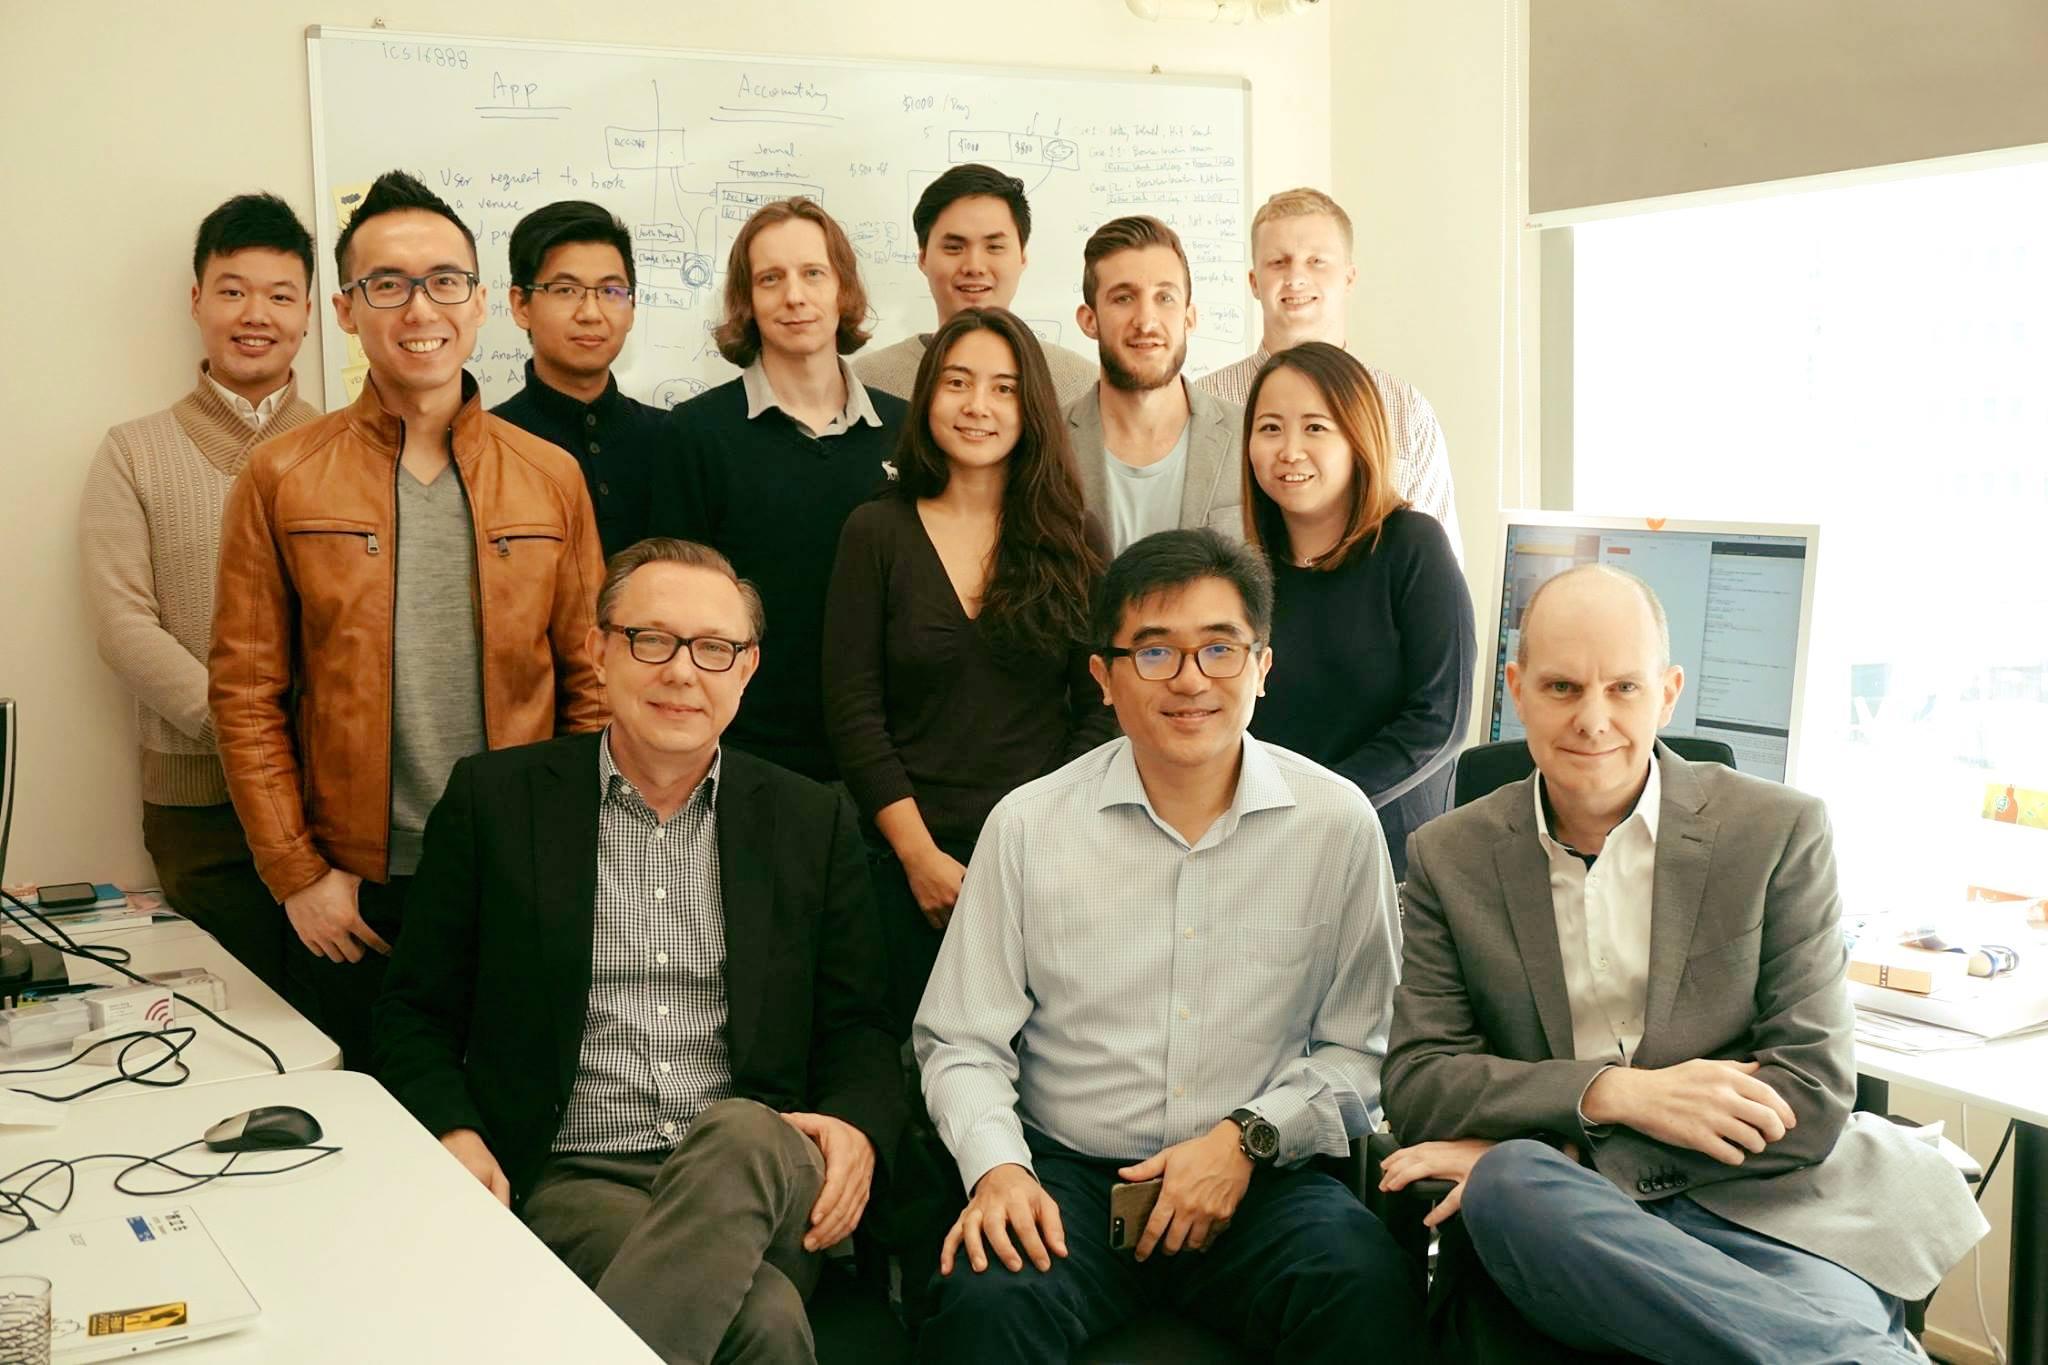 Quikspaces team photo